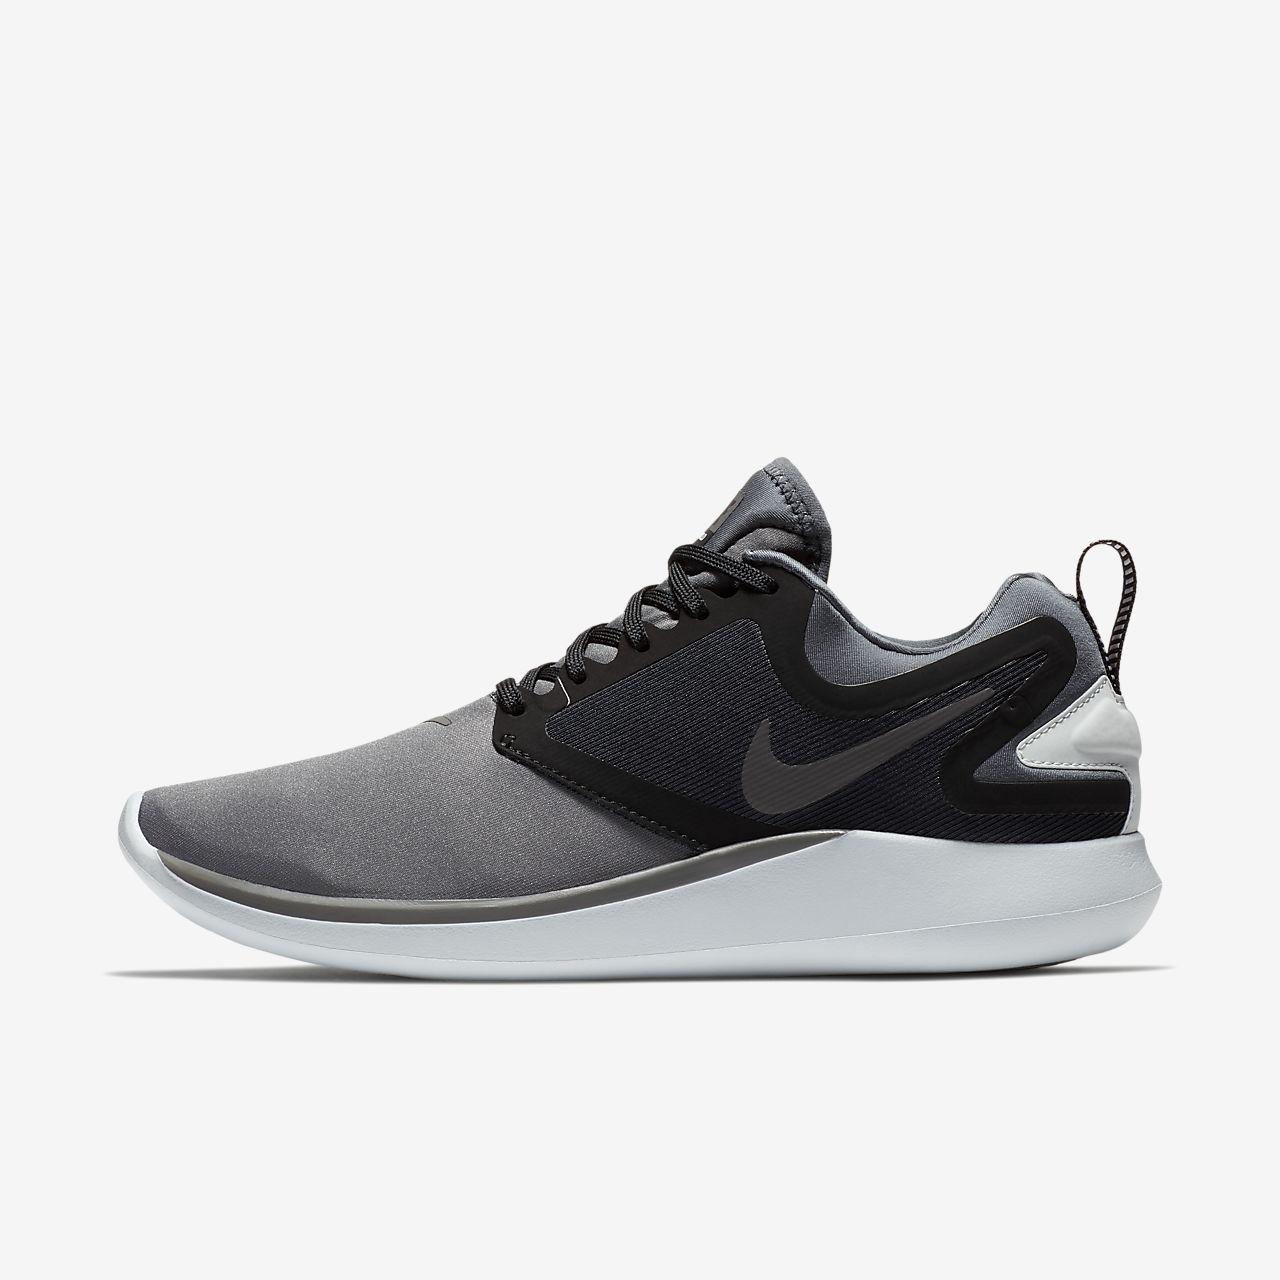 Nike LunarSolo - , Women